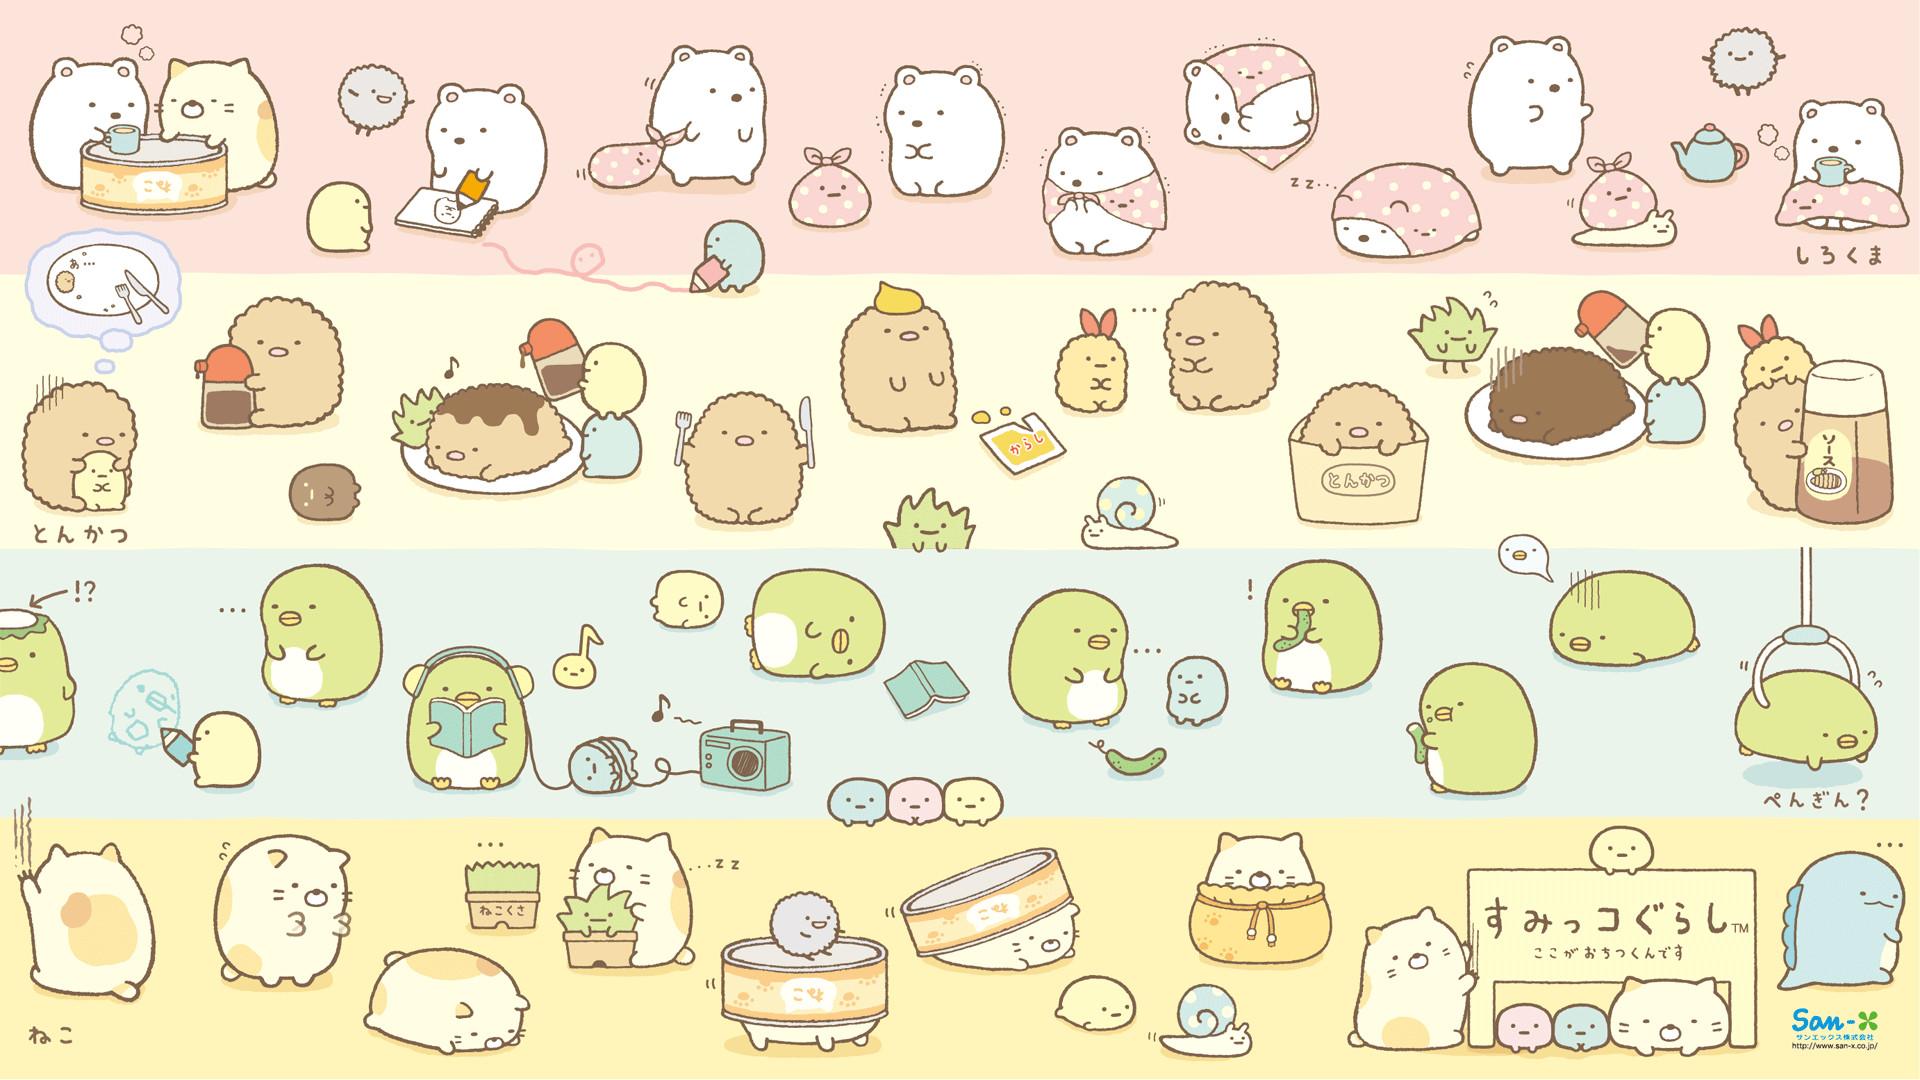 cute San X wallpaper collection 2013 | Rilakkuma | Nyan Cat